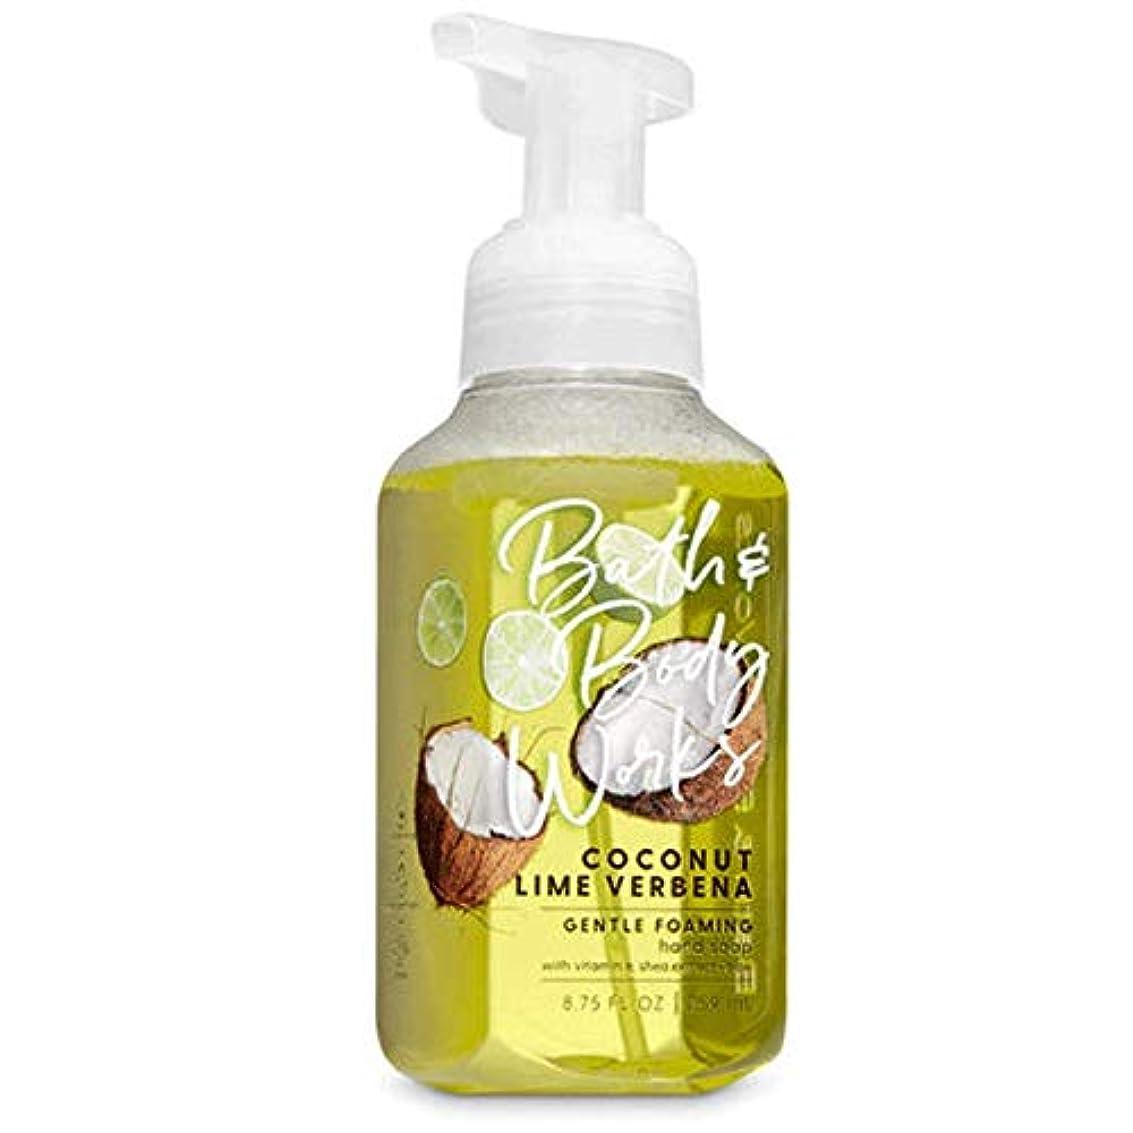 パフ二層有益なバス&ボディワークス ココナッツライムバーベナ ジェントル フォーミング ハンドソープ Coconut Lime Verbena Gentle Foaming Hand Soap